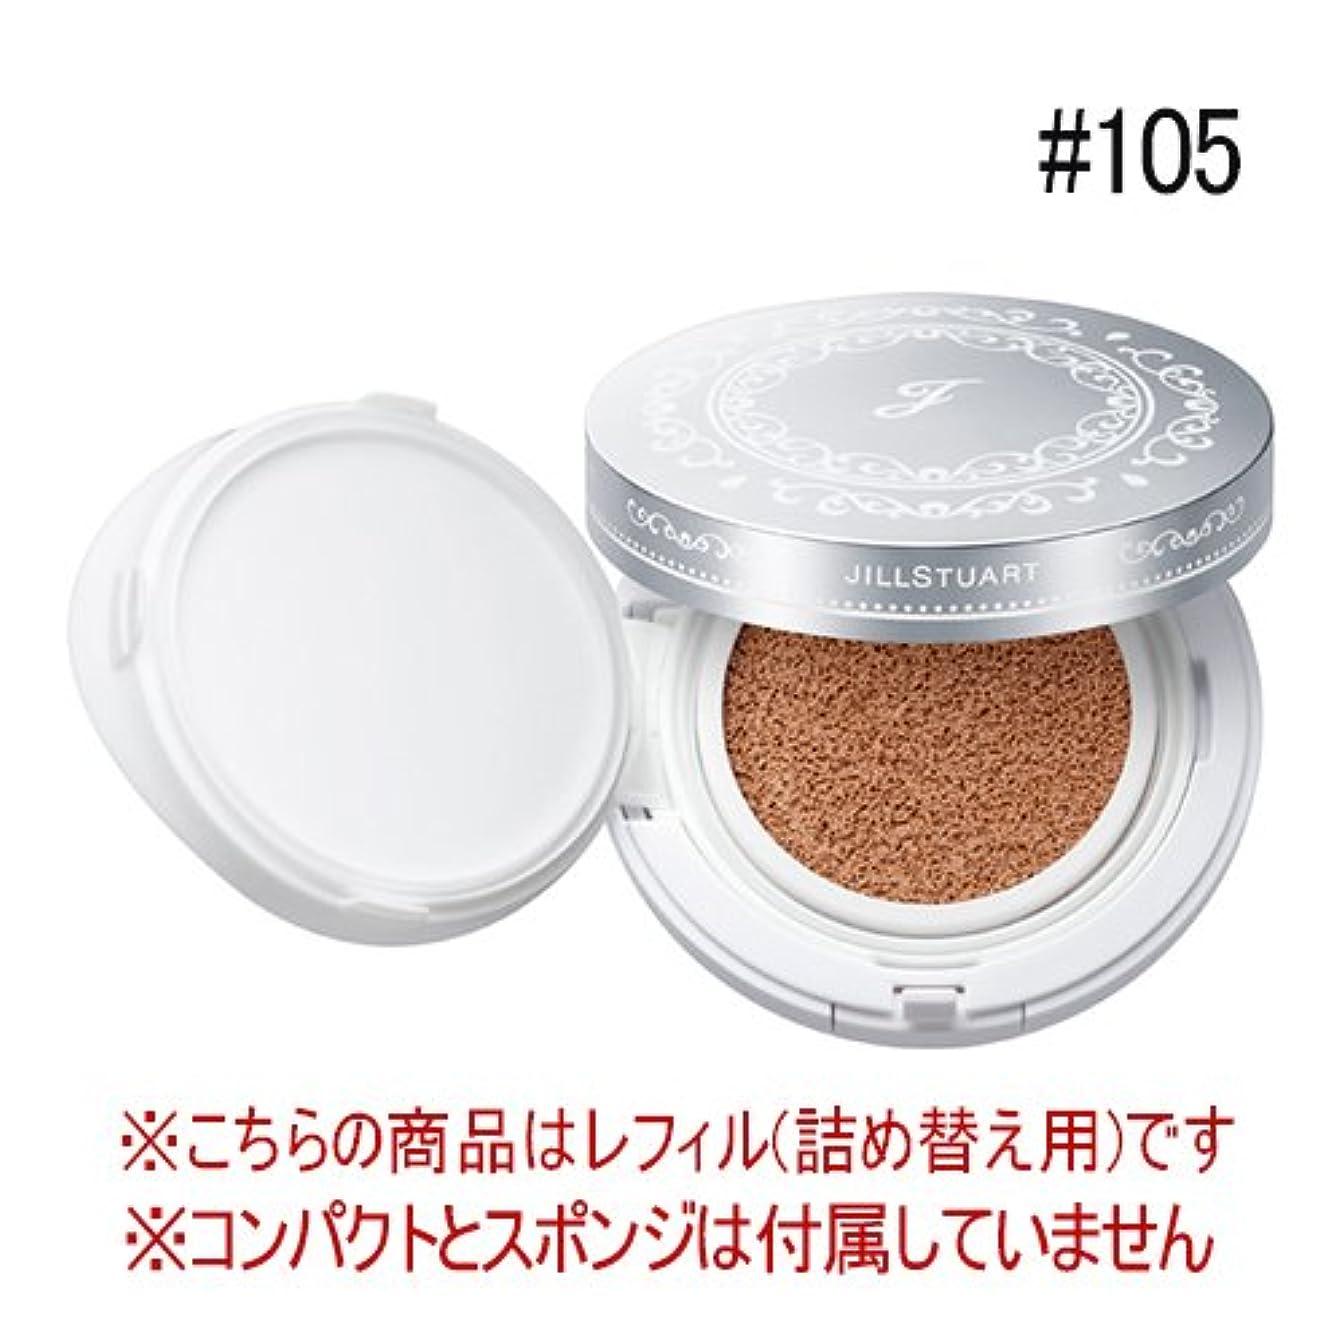 驚近々管理者ジルスチュアート ピュアエッセンス クッションコンパクト (レフィル)【#105】 #tan SPF40/PA+++ 15g